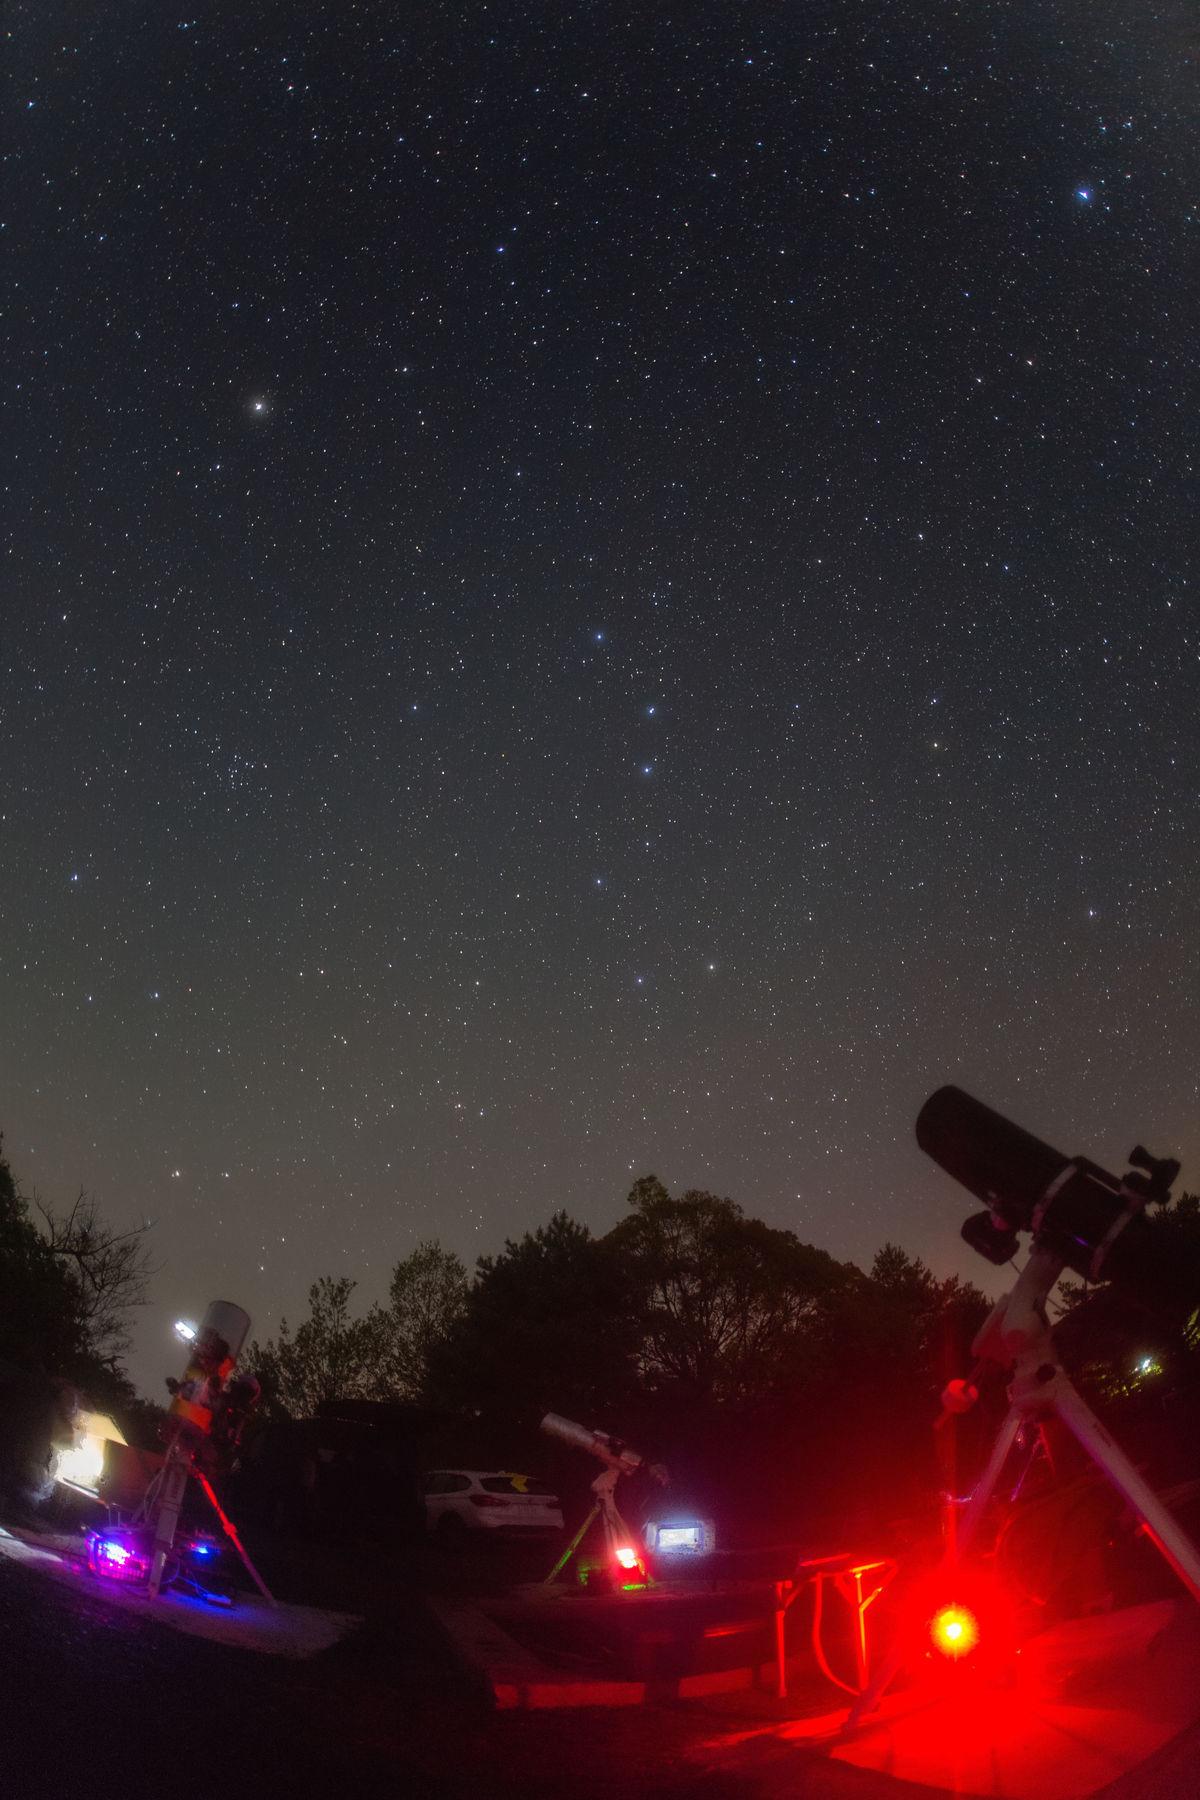 【星景】八塔寺星を観る会 4月定期観望会